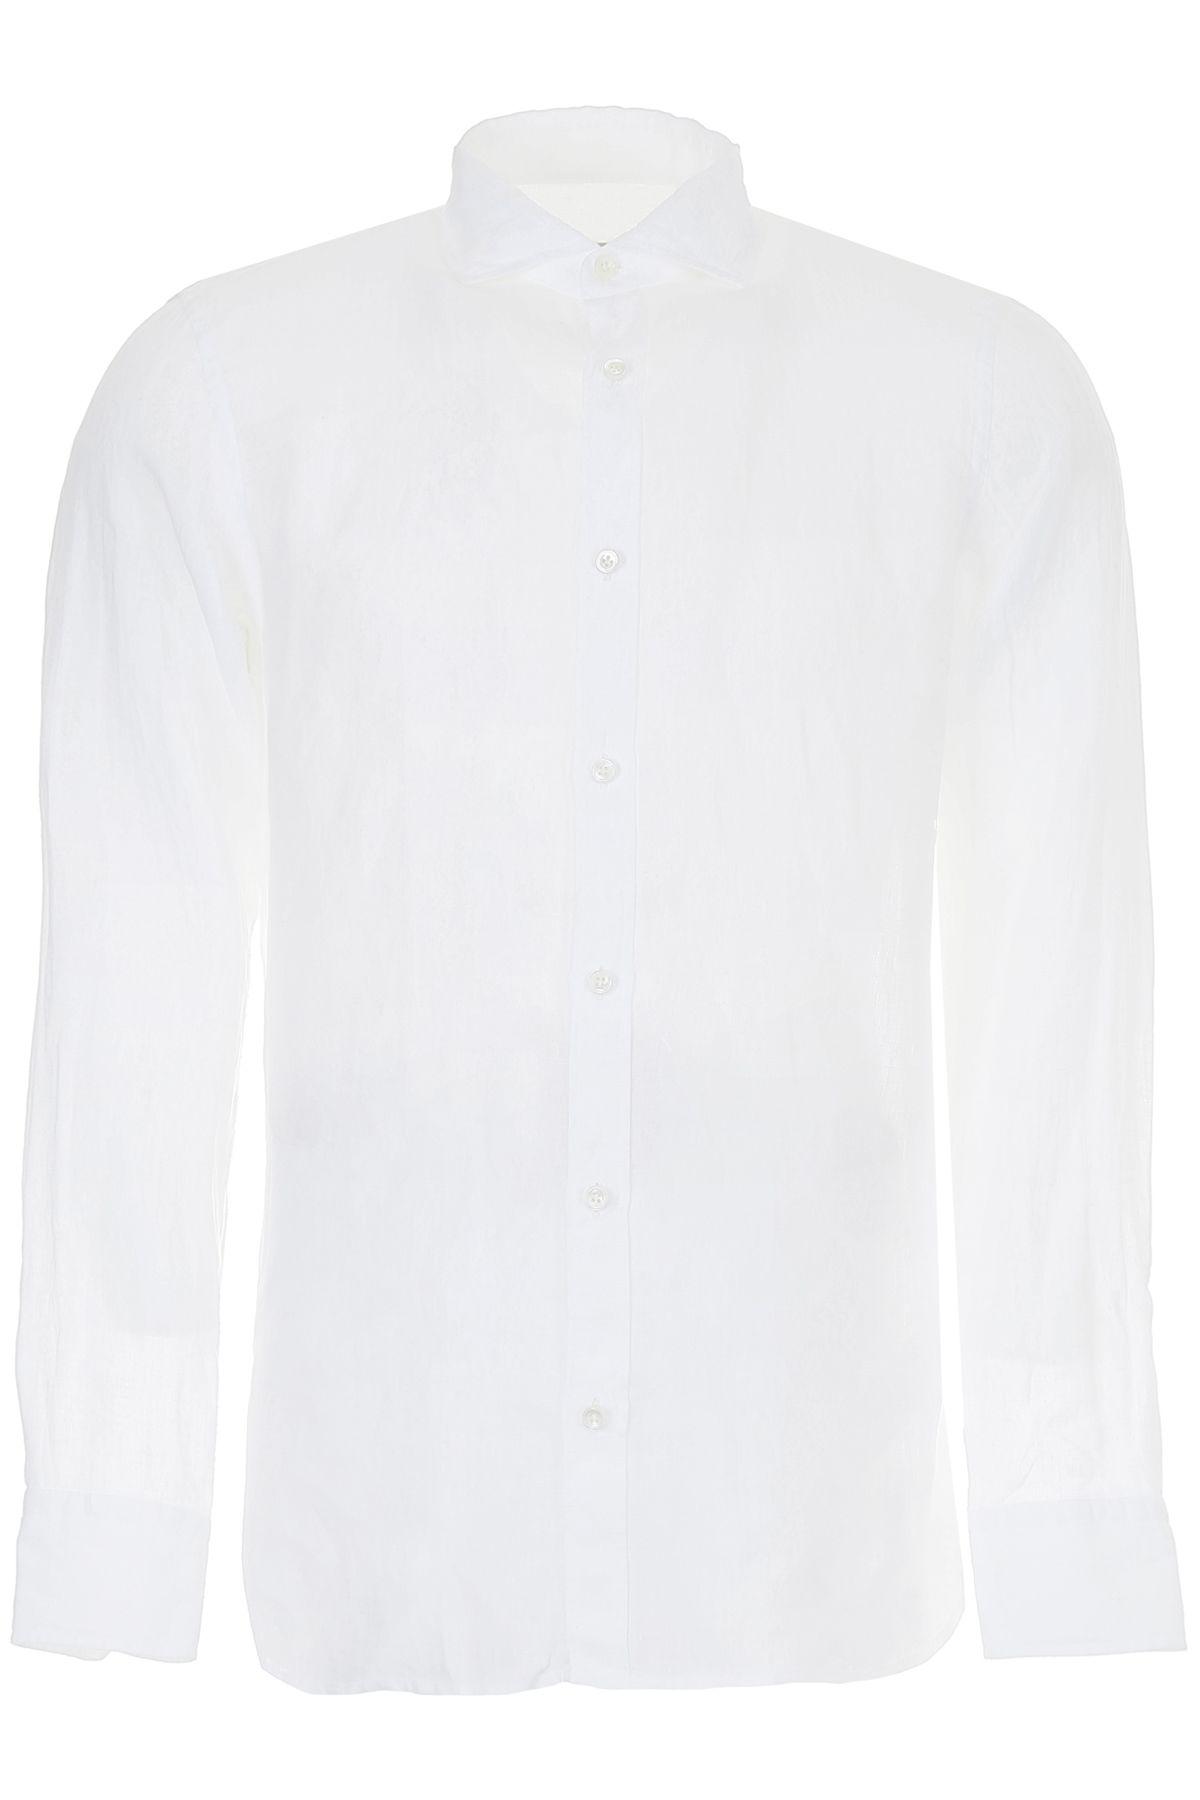 Z Zegna Linen Shirt